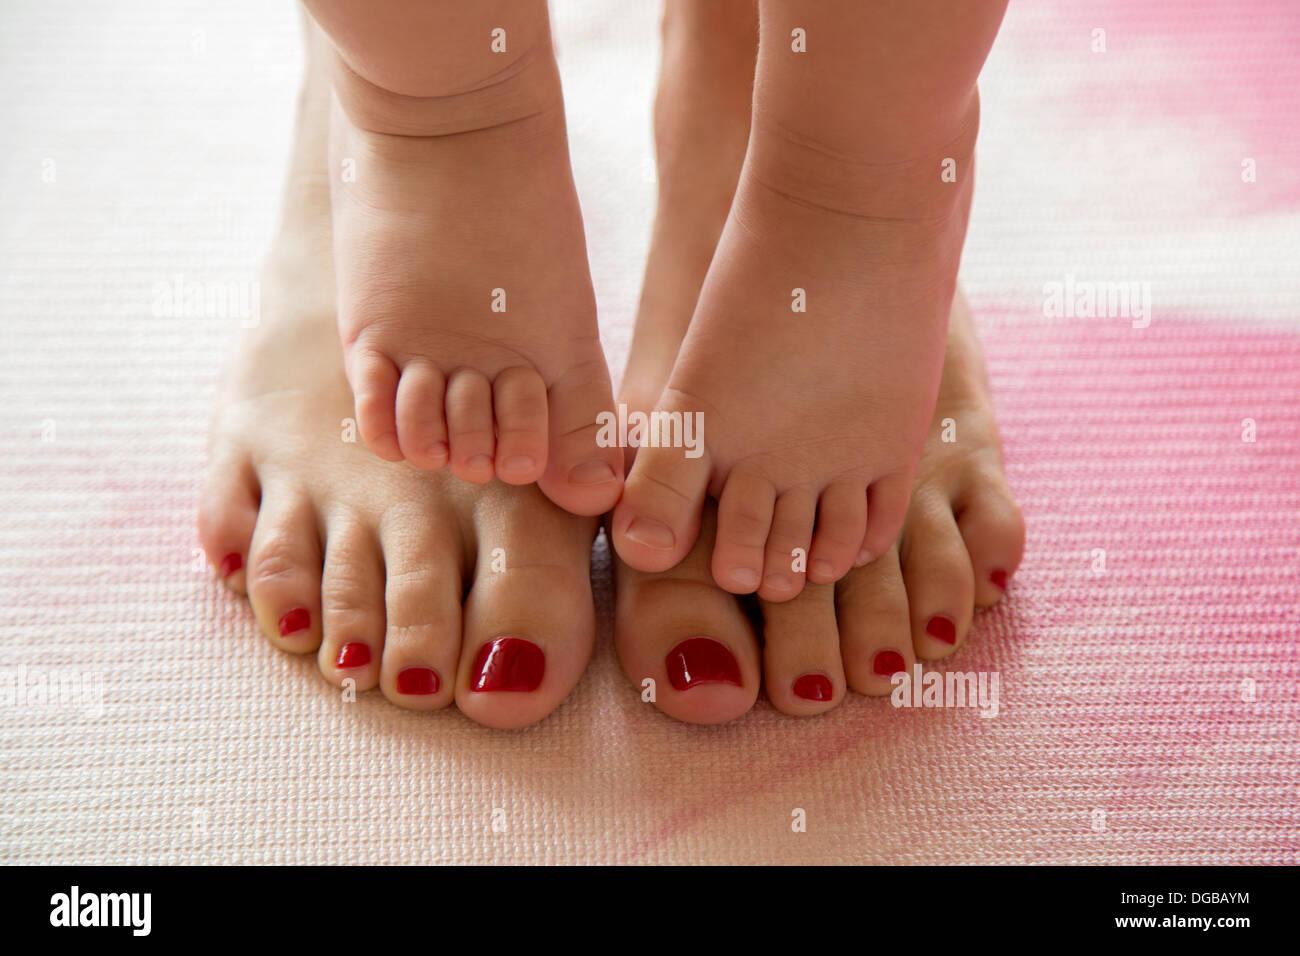 Les orteils de bébé sur les pieds de sa mère Photo Stock